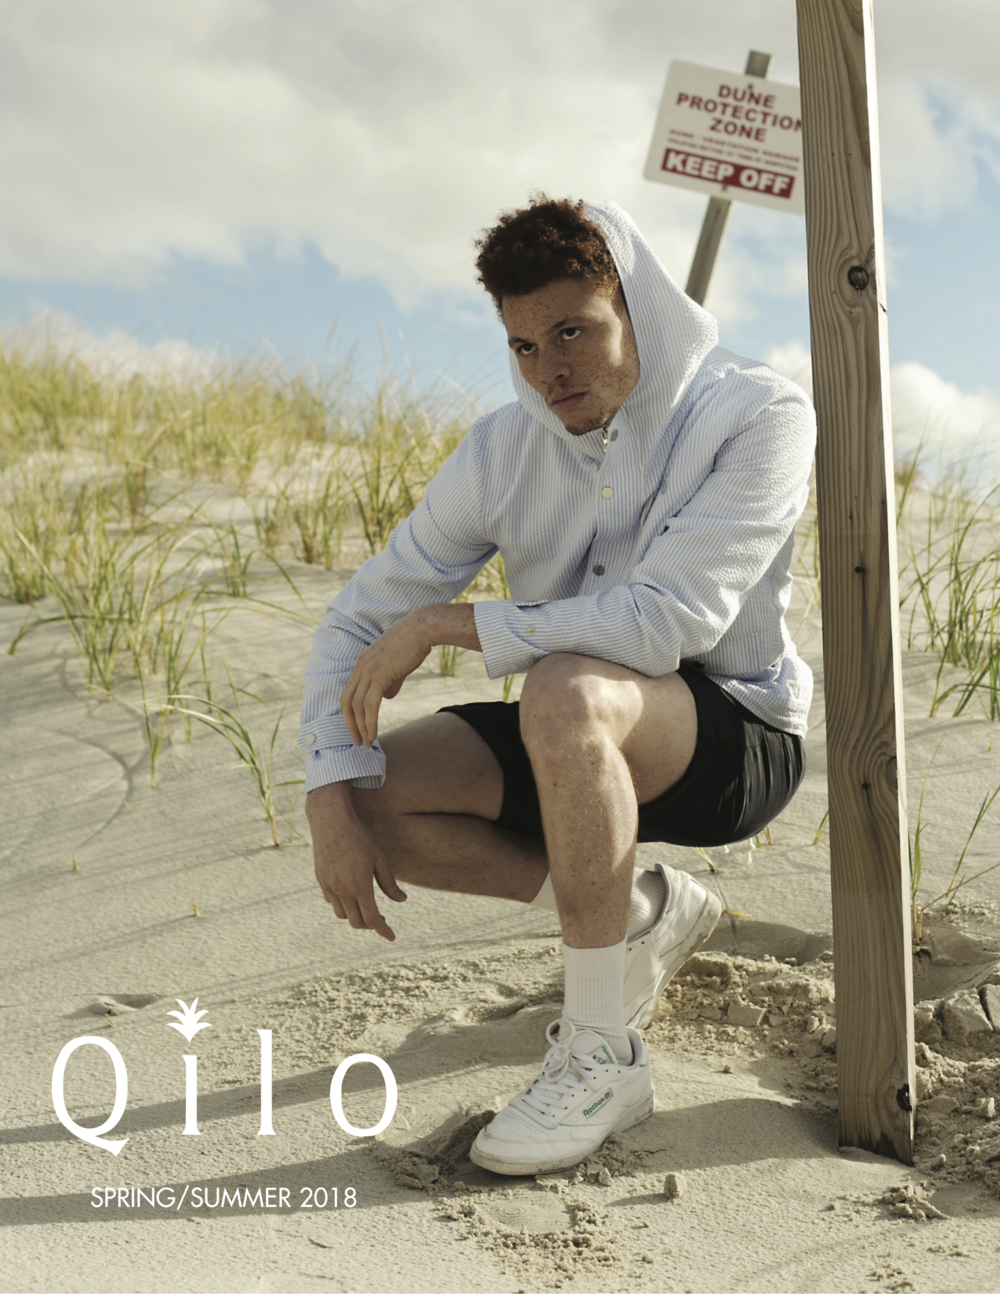 Qilo SS18 LookBook-Print-1 (dragged) 2.png